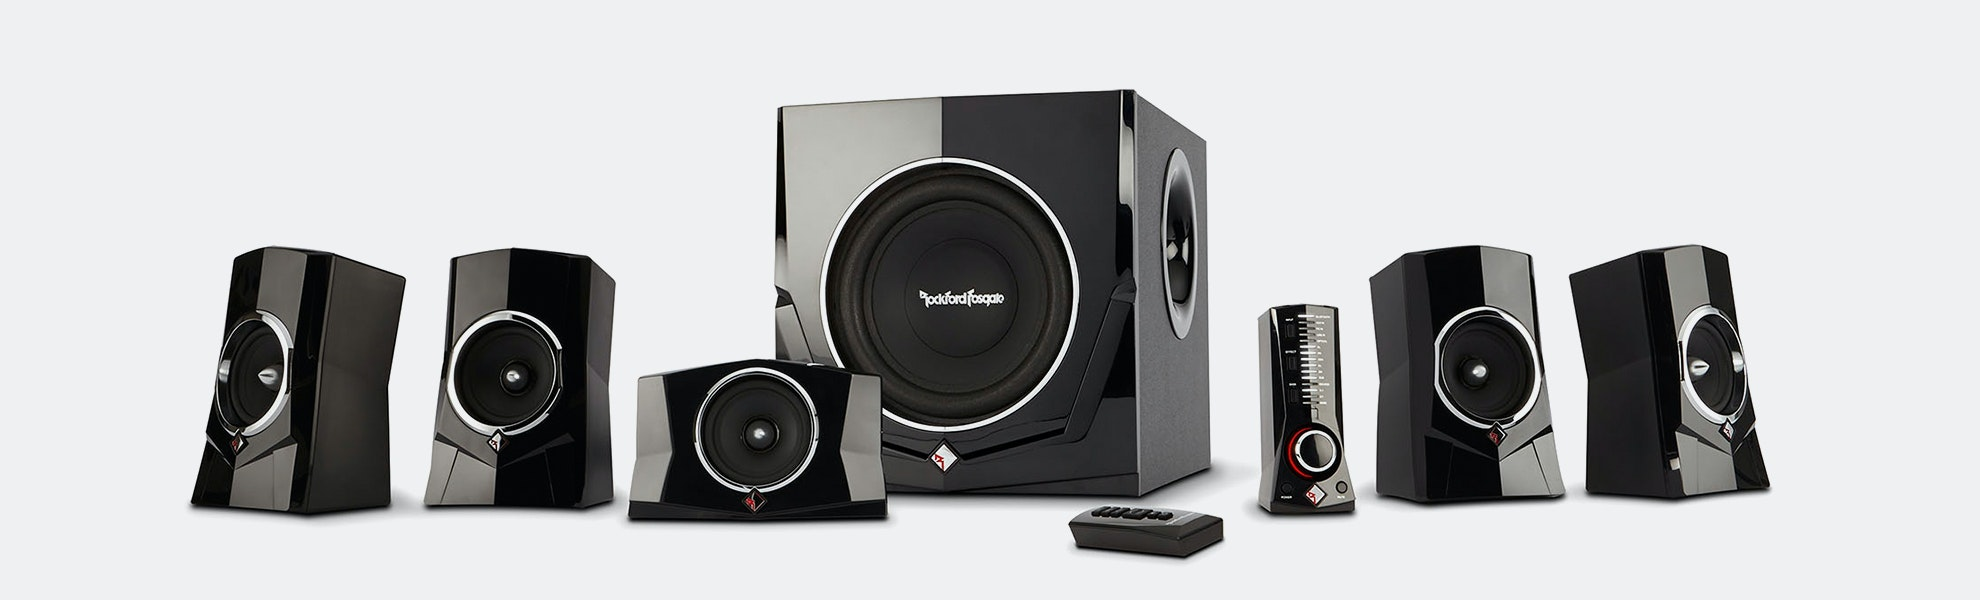 Rockford Fosgate 5.1 Powered Speaker System